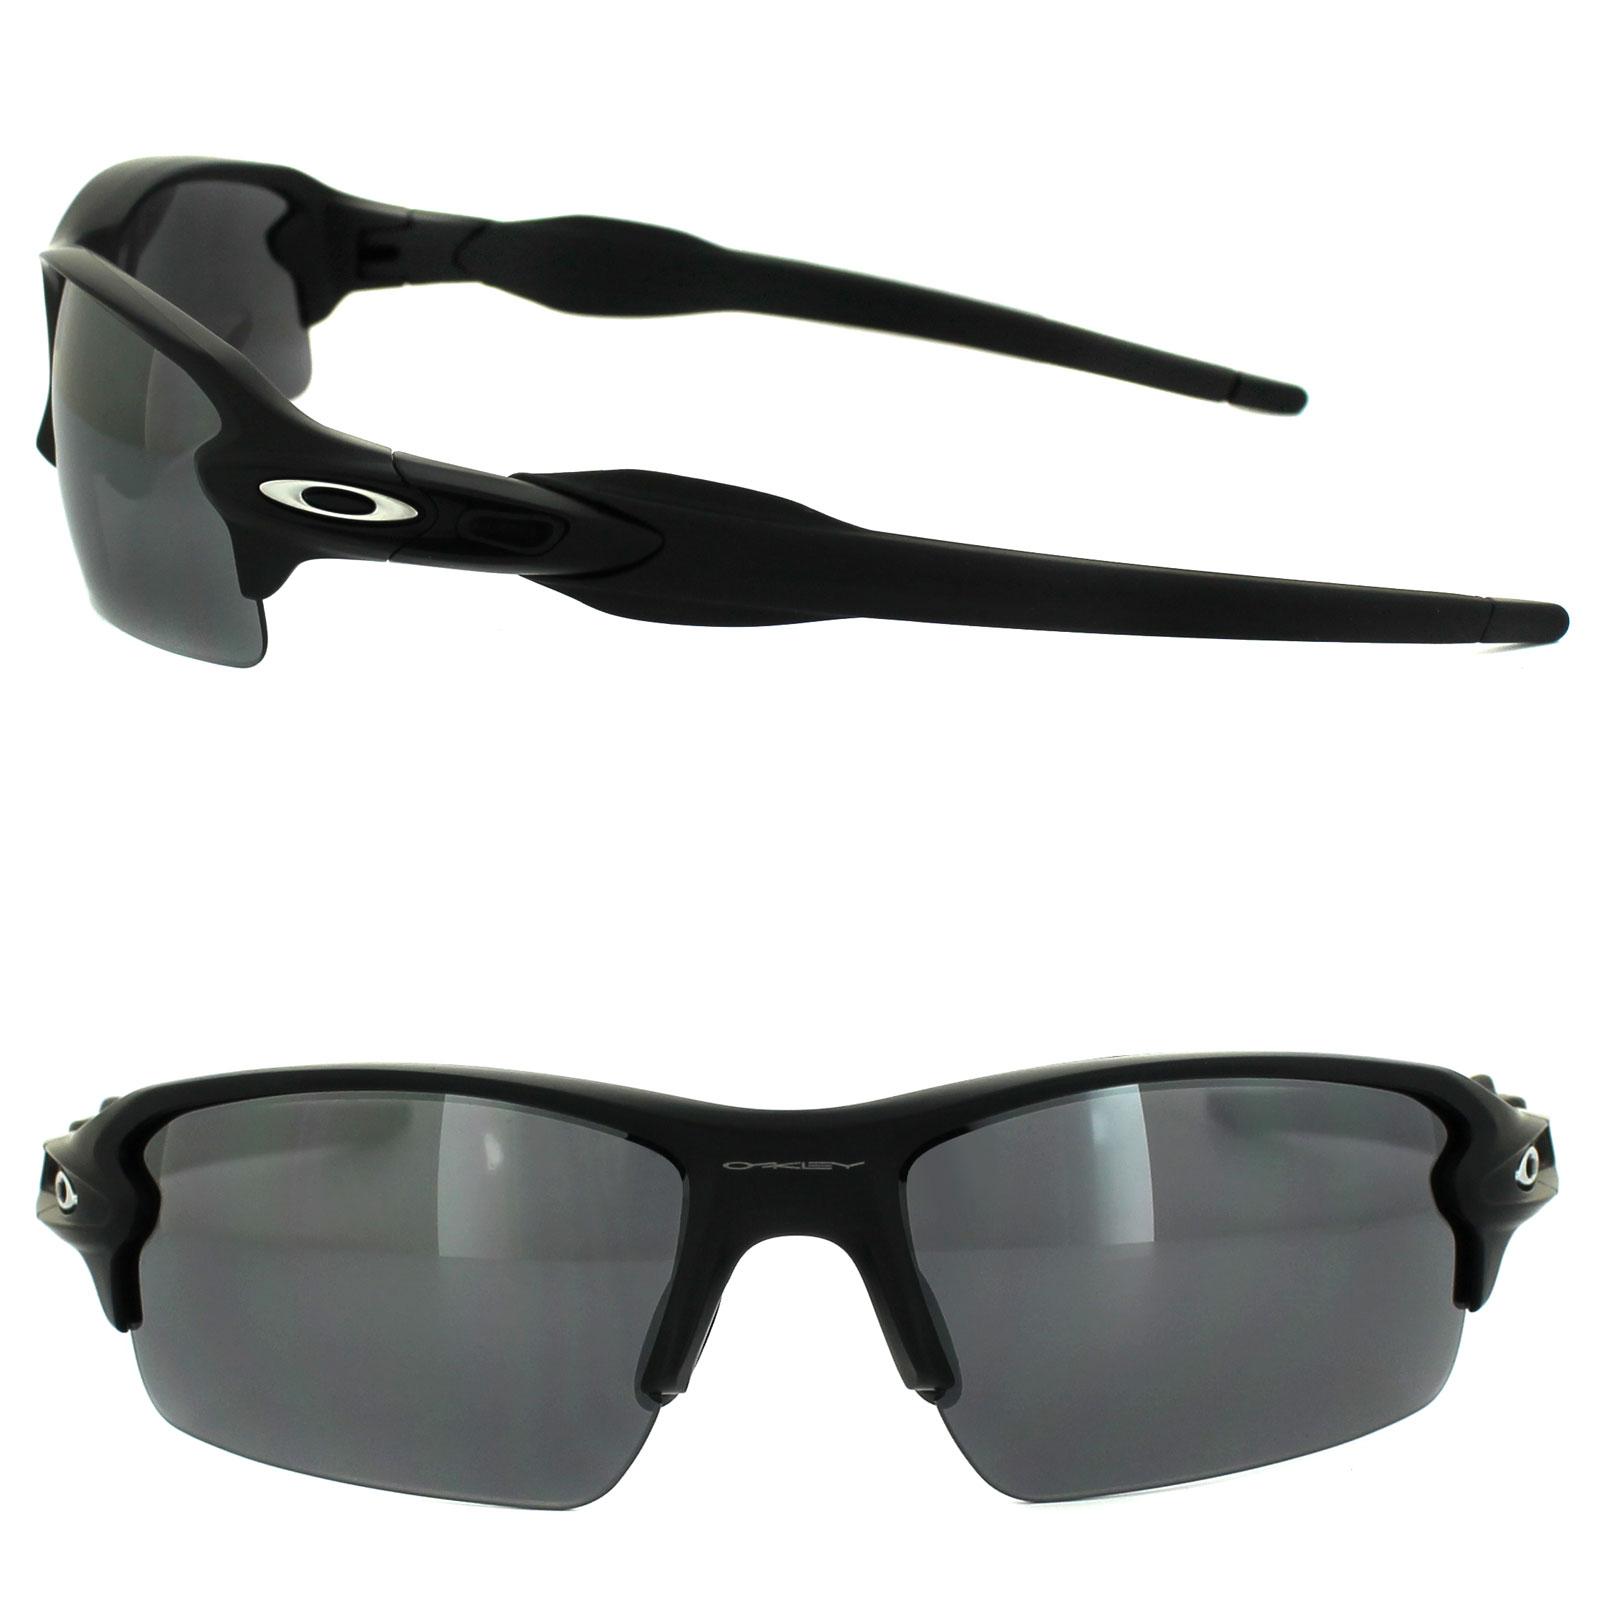 854b44e1d13 Sentinel Oakley Sunglasses Flak 2.0 OO9295-01 Matt Black Black Iridium